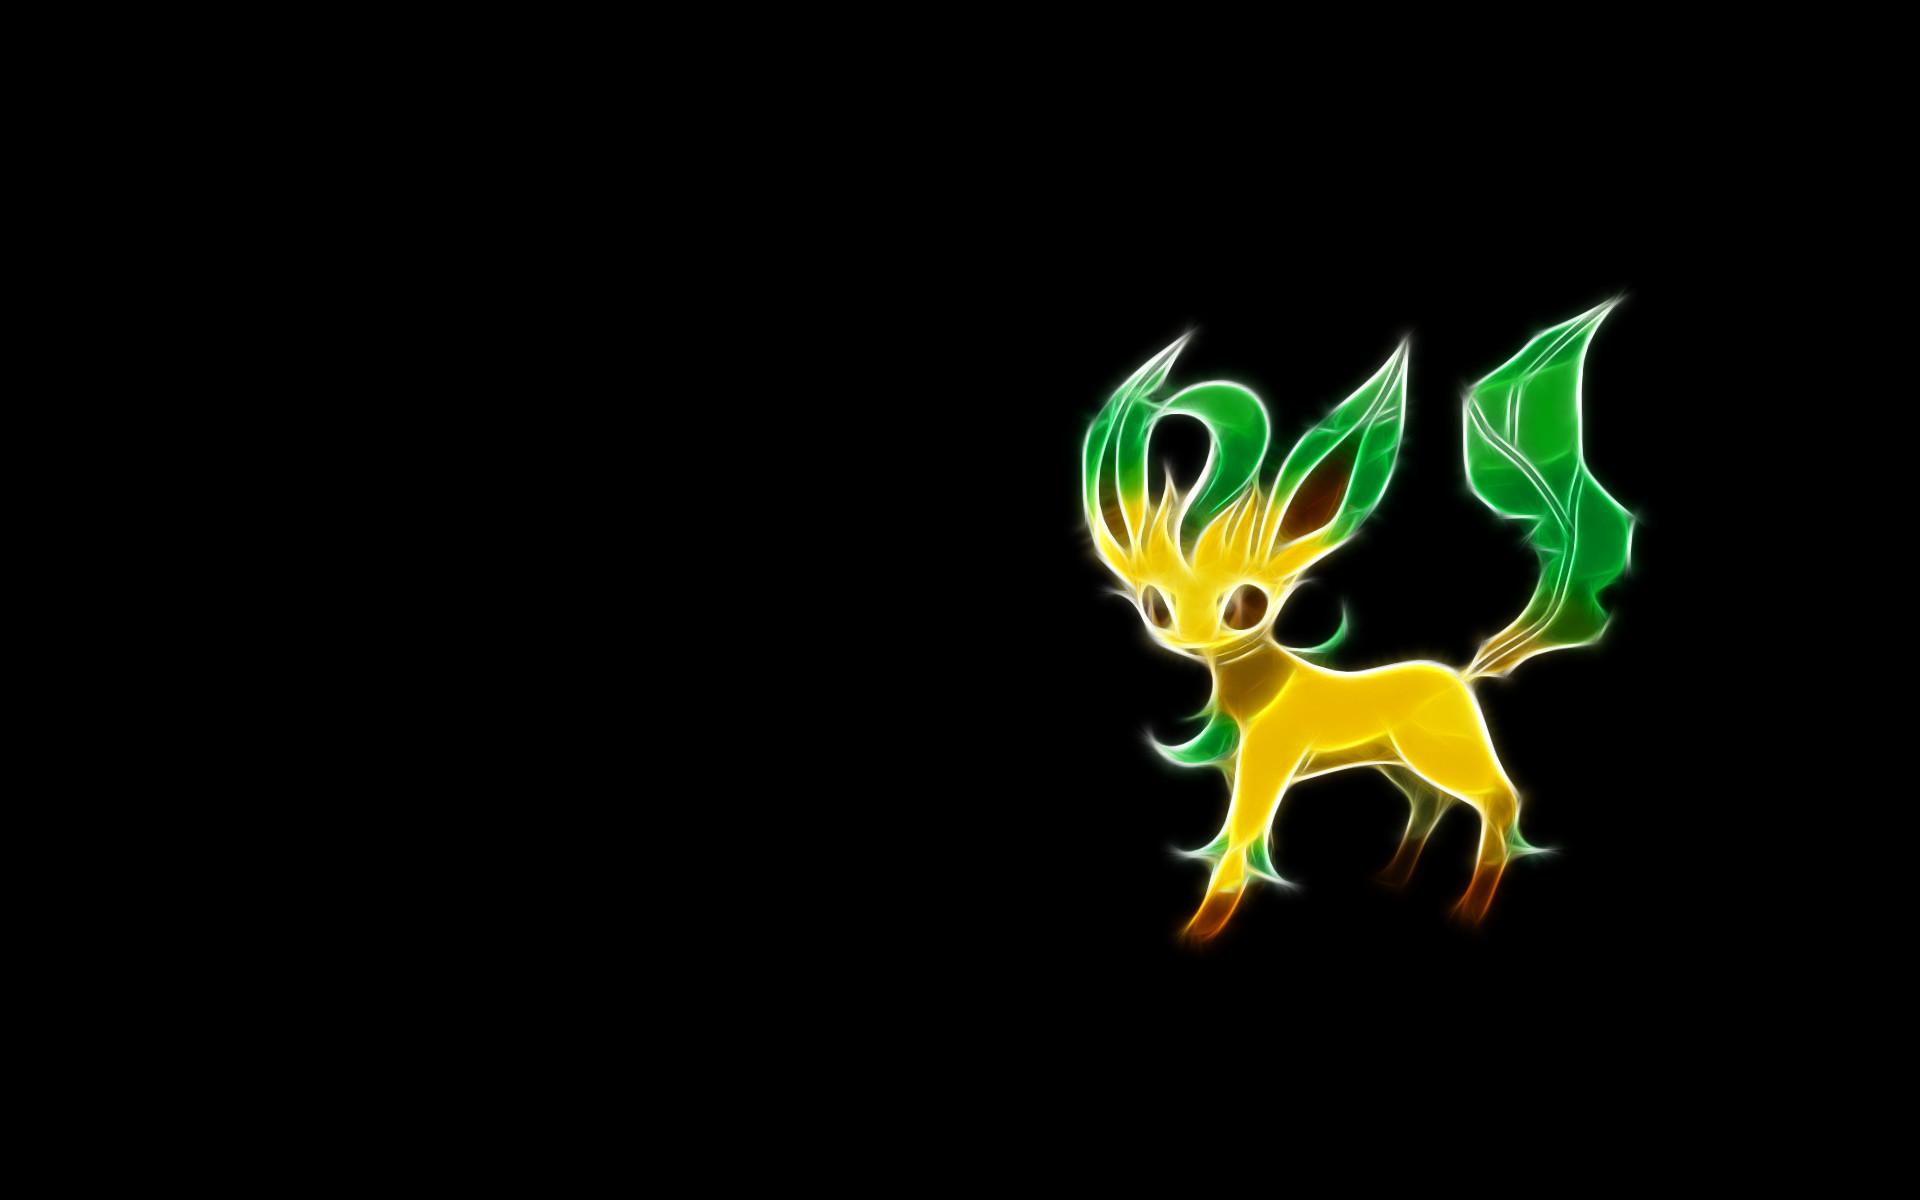 Pokemon Phone Eevee HD Eevee Pinterest Wallpaper and